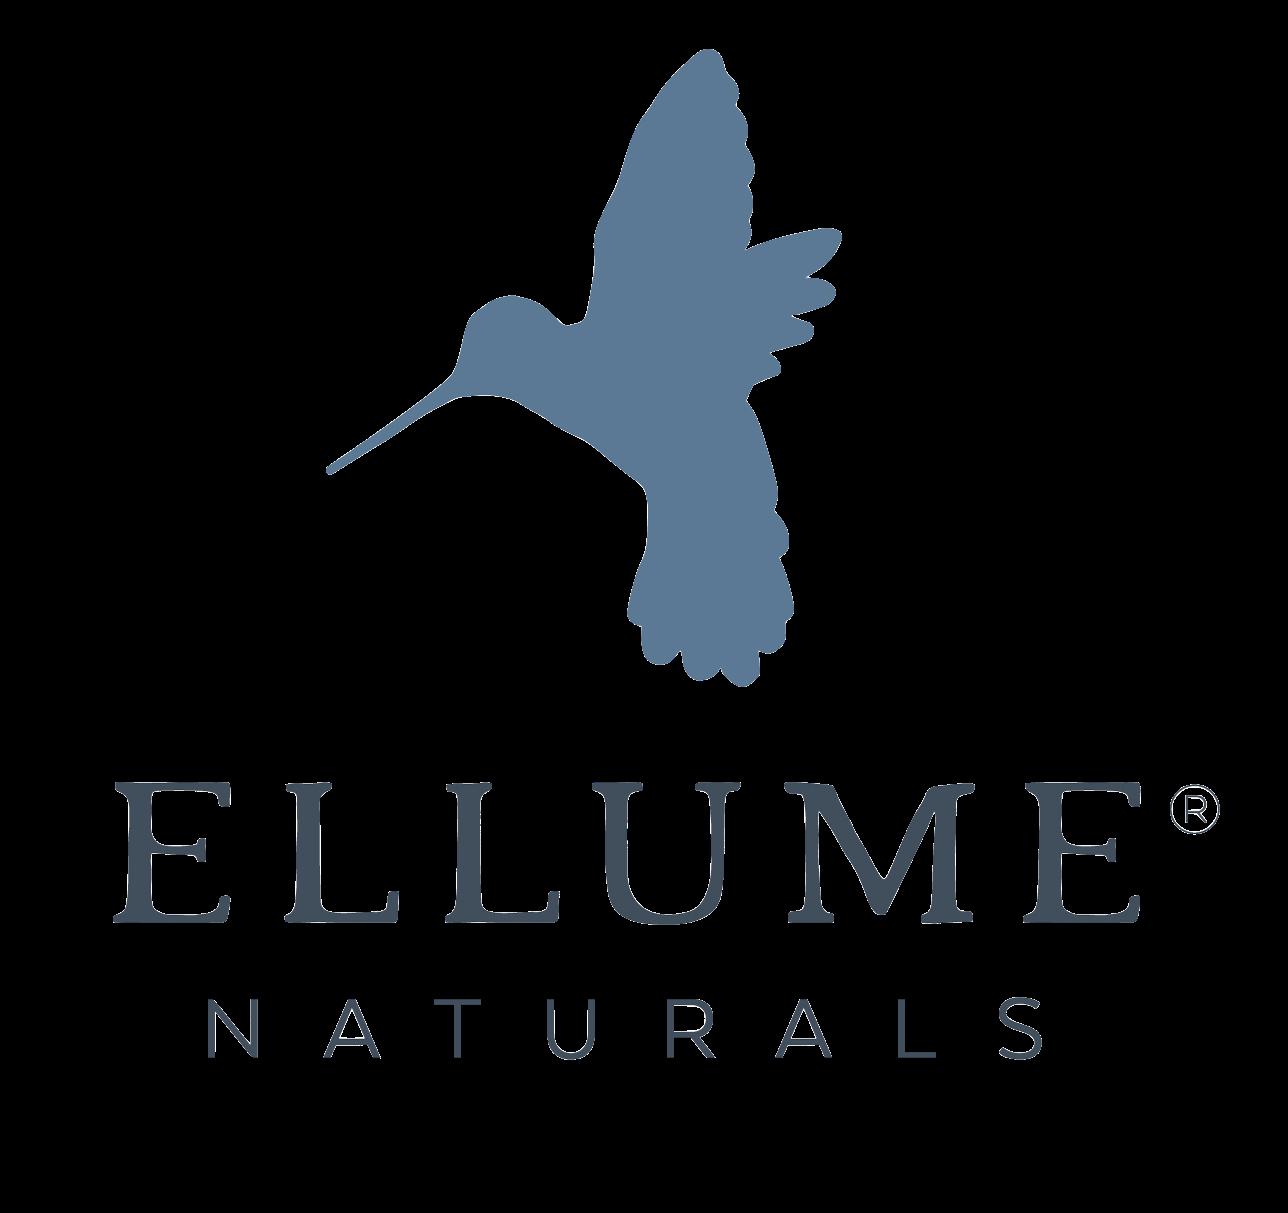 Ellume-NATURALS-Logo-REGISTERED-SYMBOL copy.png